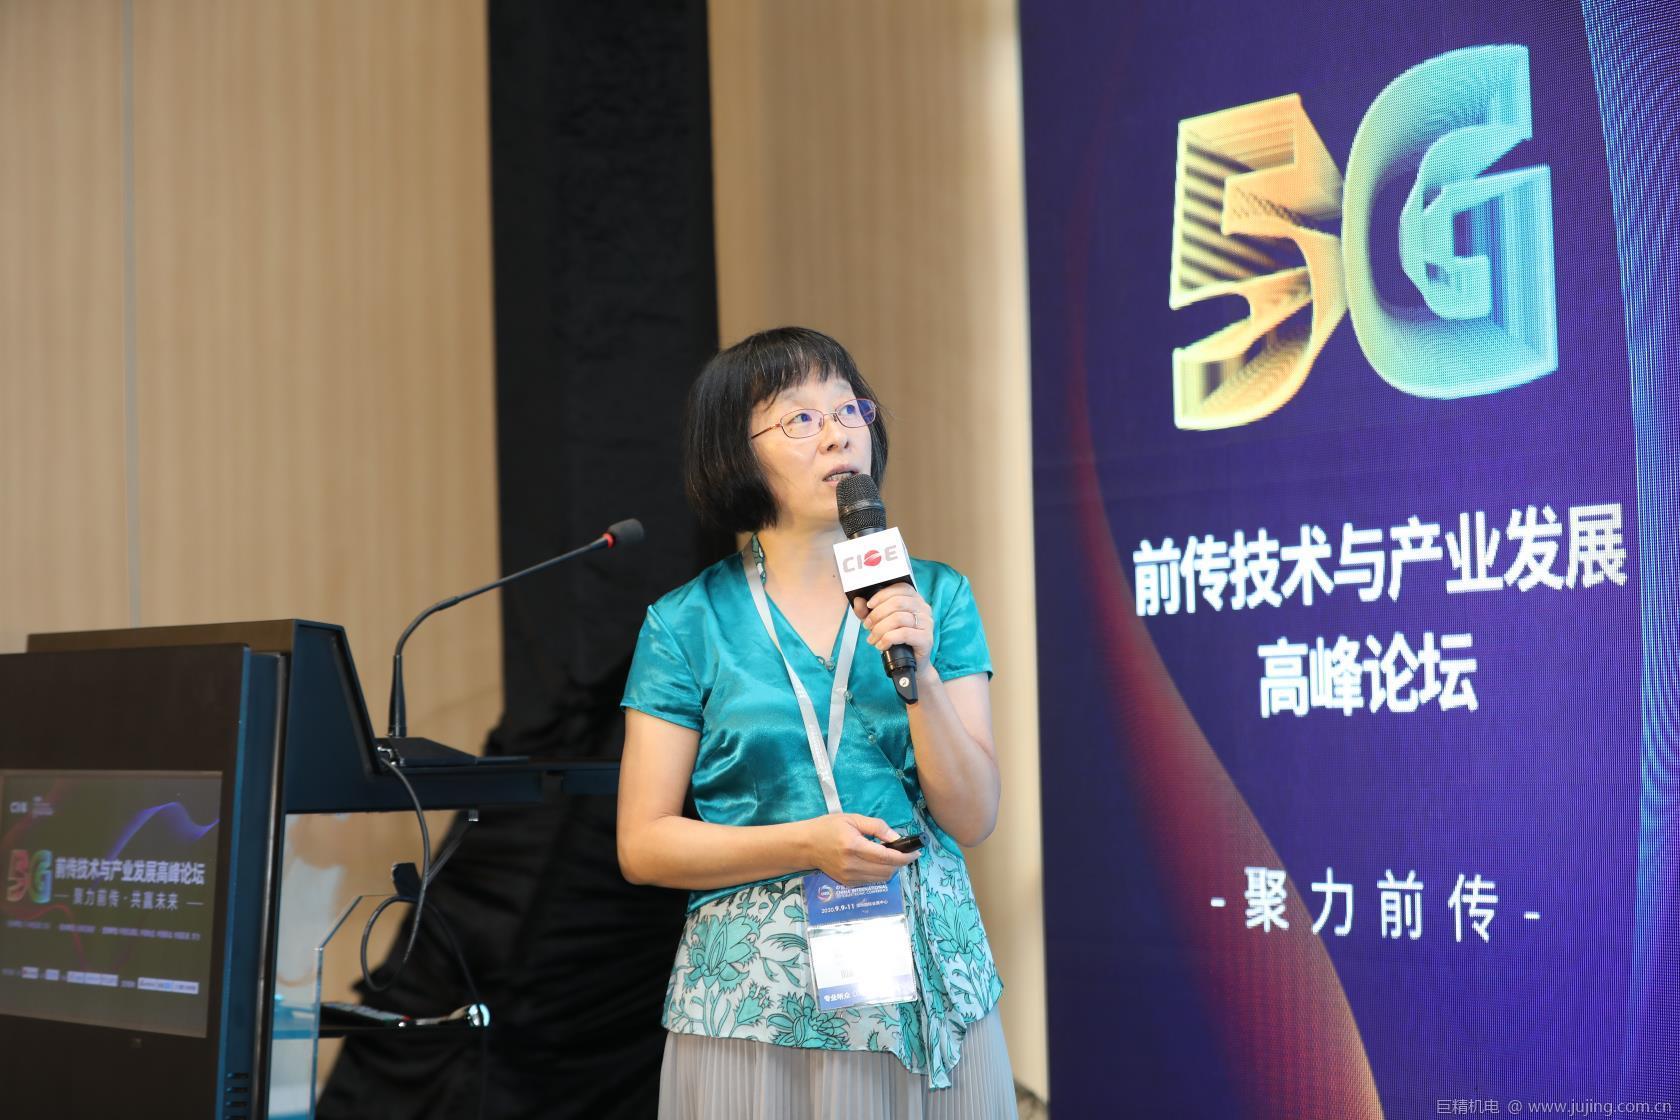 信通院张海懿:5G前传产业链初步形成,后续仍需聚焦共性发展